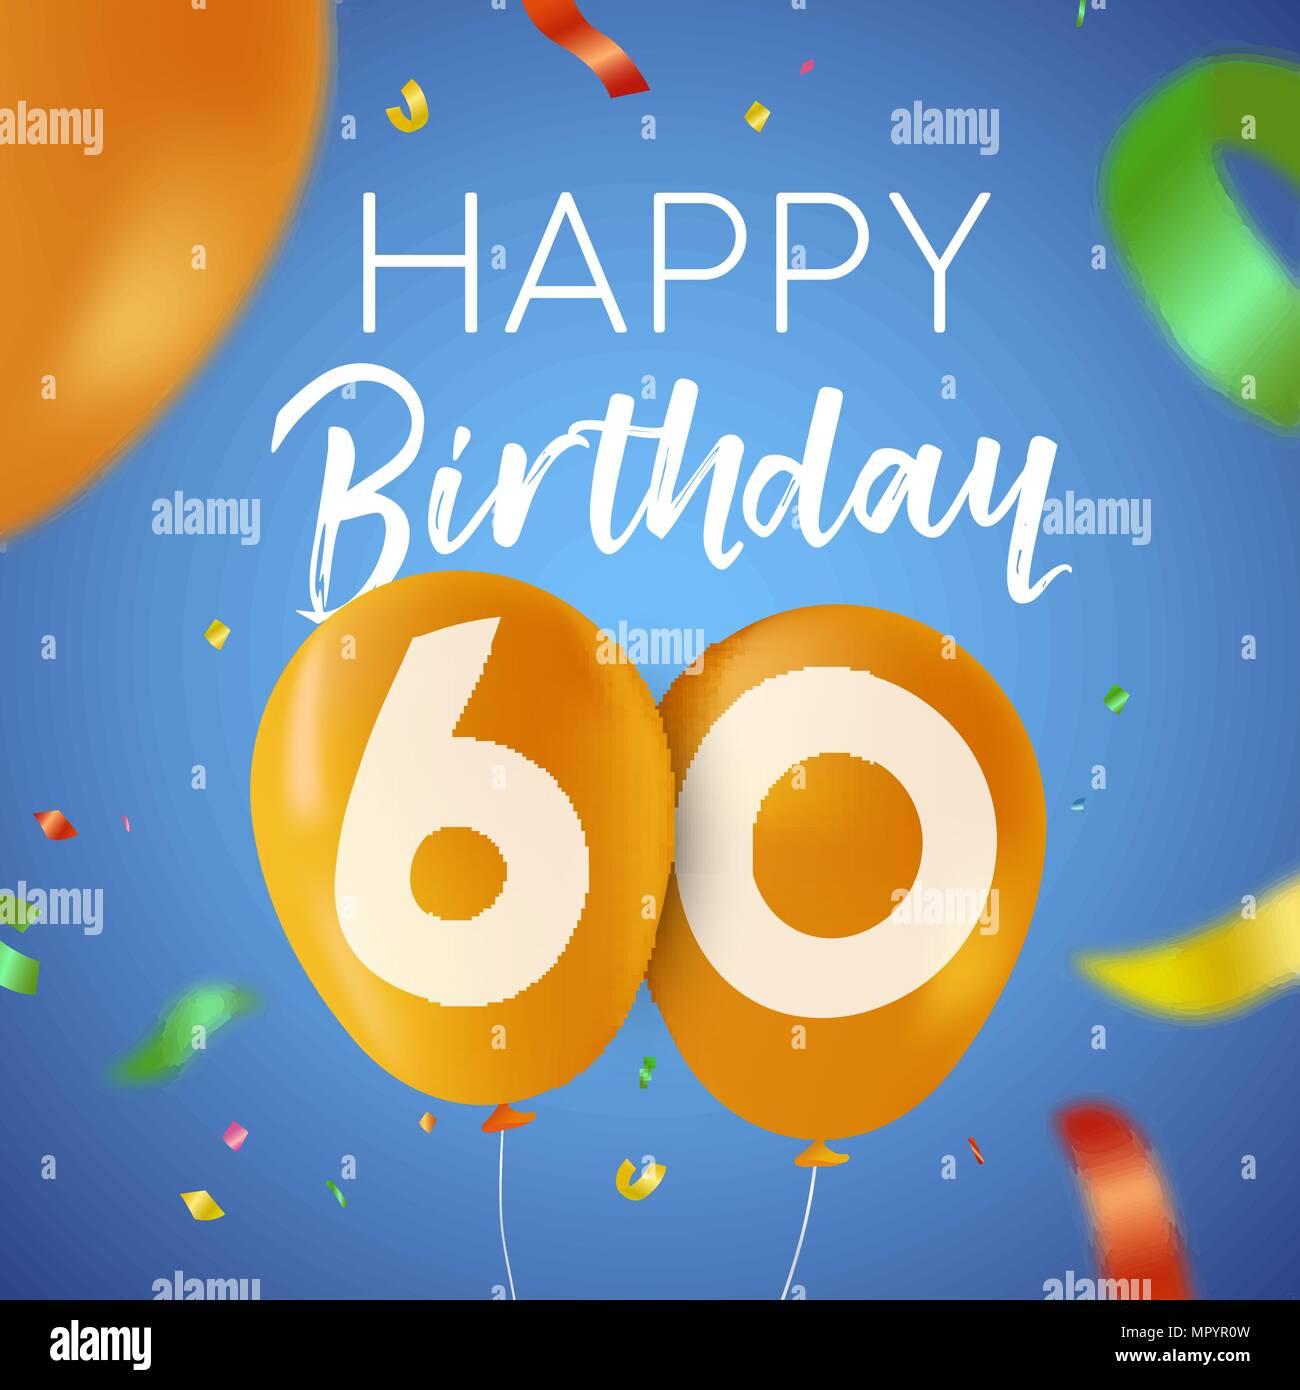 https www alamyimages fr joyeux anniversaire 60 ans soixante design avec nombre de ballons et de confettis multicolores decoration ideal pour les fetes d invitation ou carte de voeux eps10 vect image186236873 html